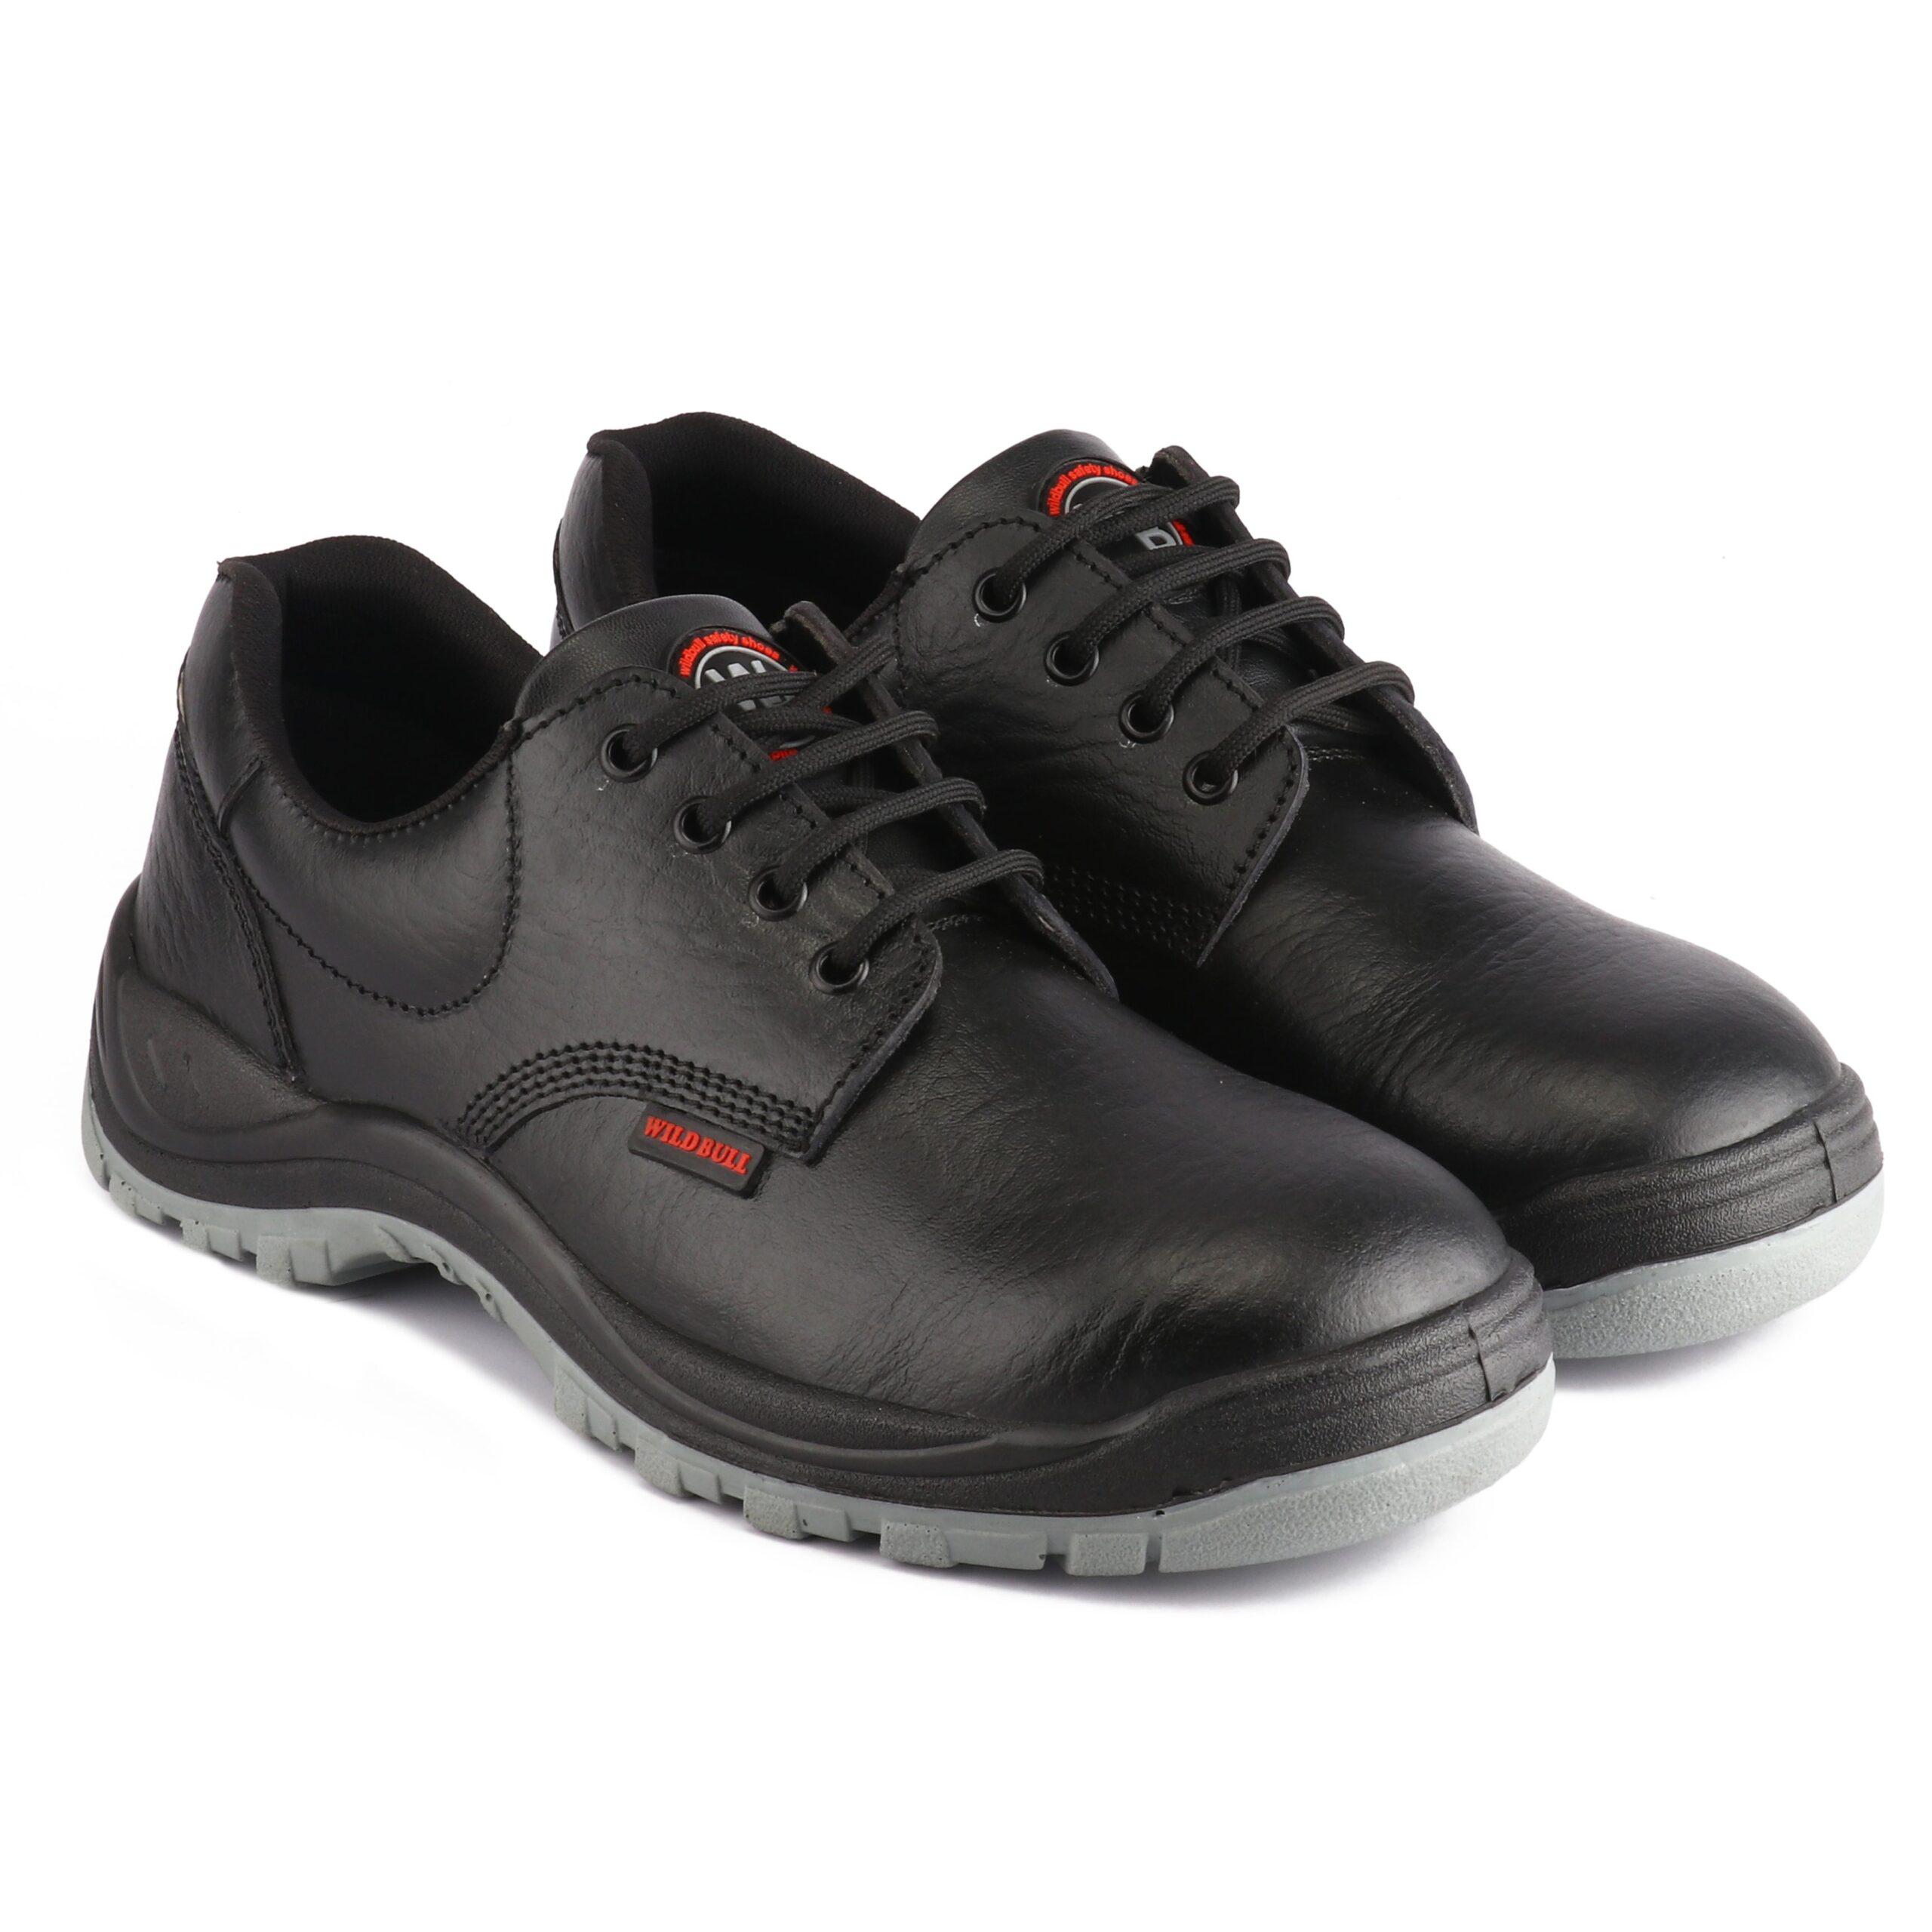 wild-bull-safety-shoes-for-men-apollo-2